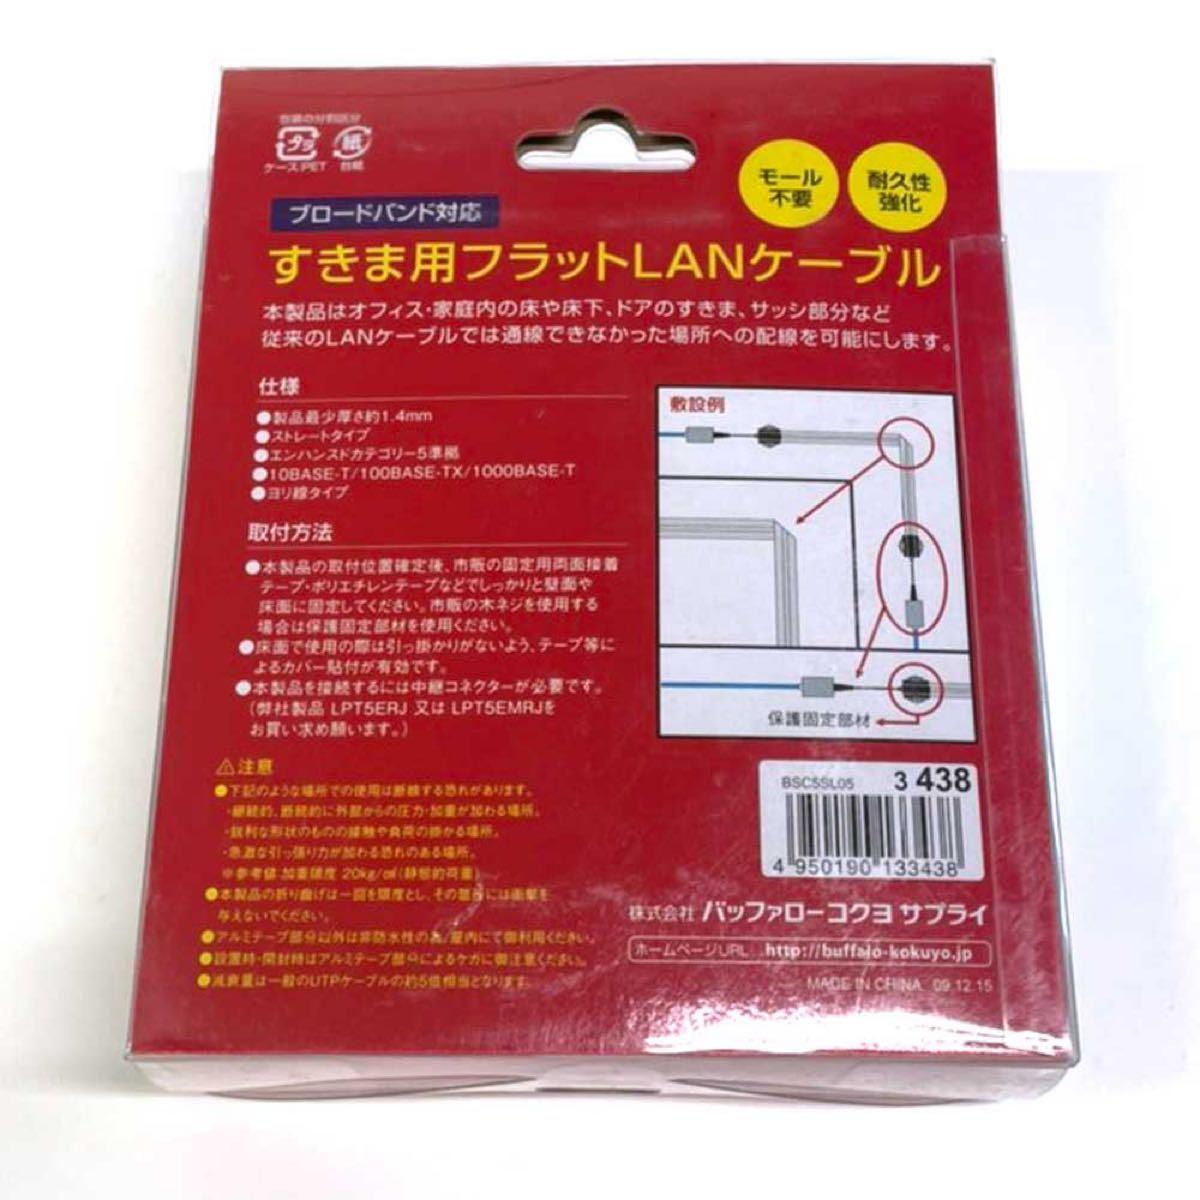 バッファロー すきま用 フラット LANケーブル 0.5m